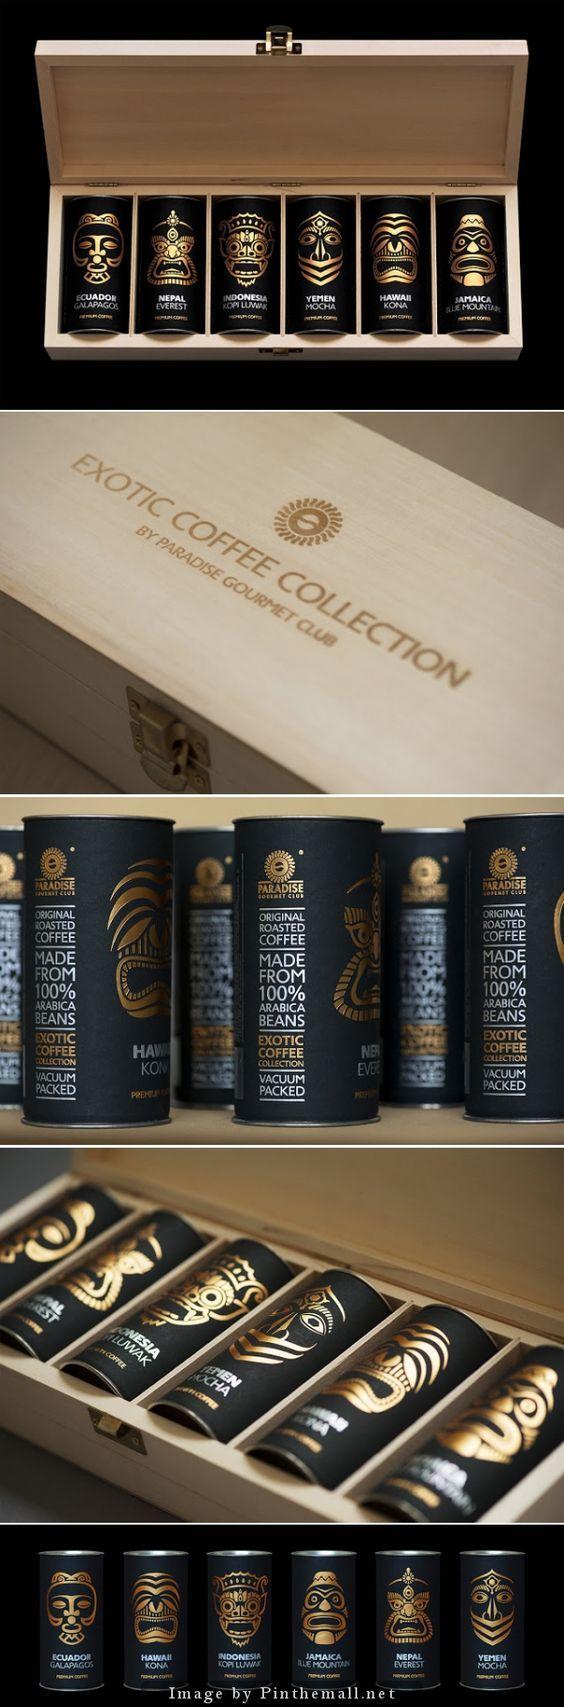 extravagante Kaffee-Kollektion